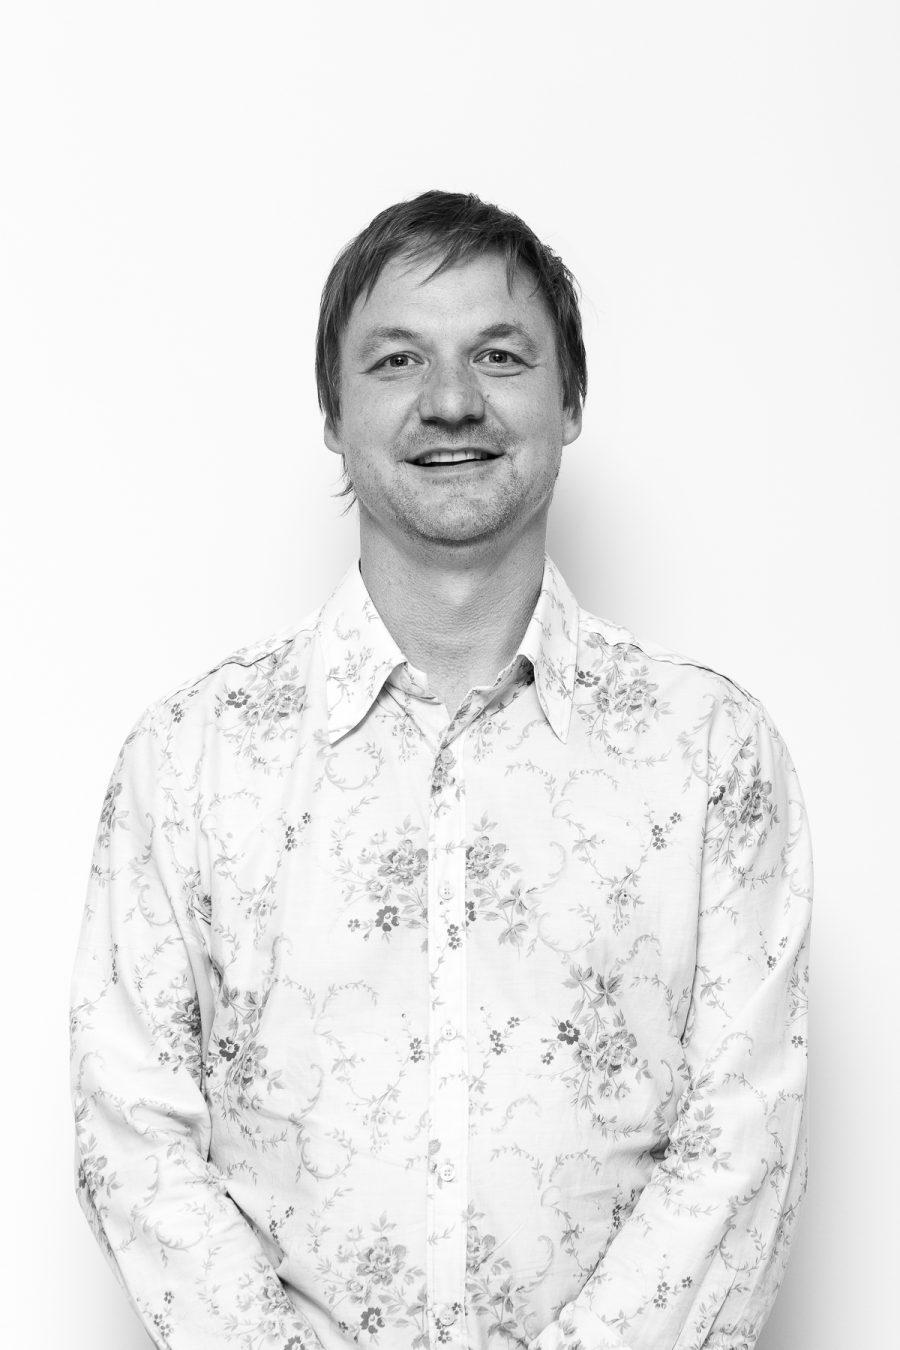 Sven van Loon